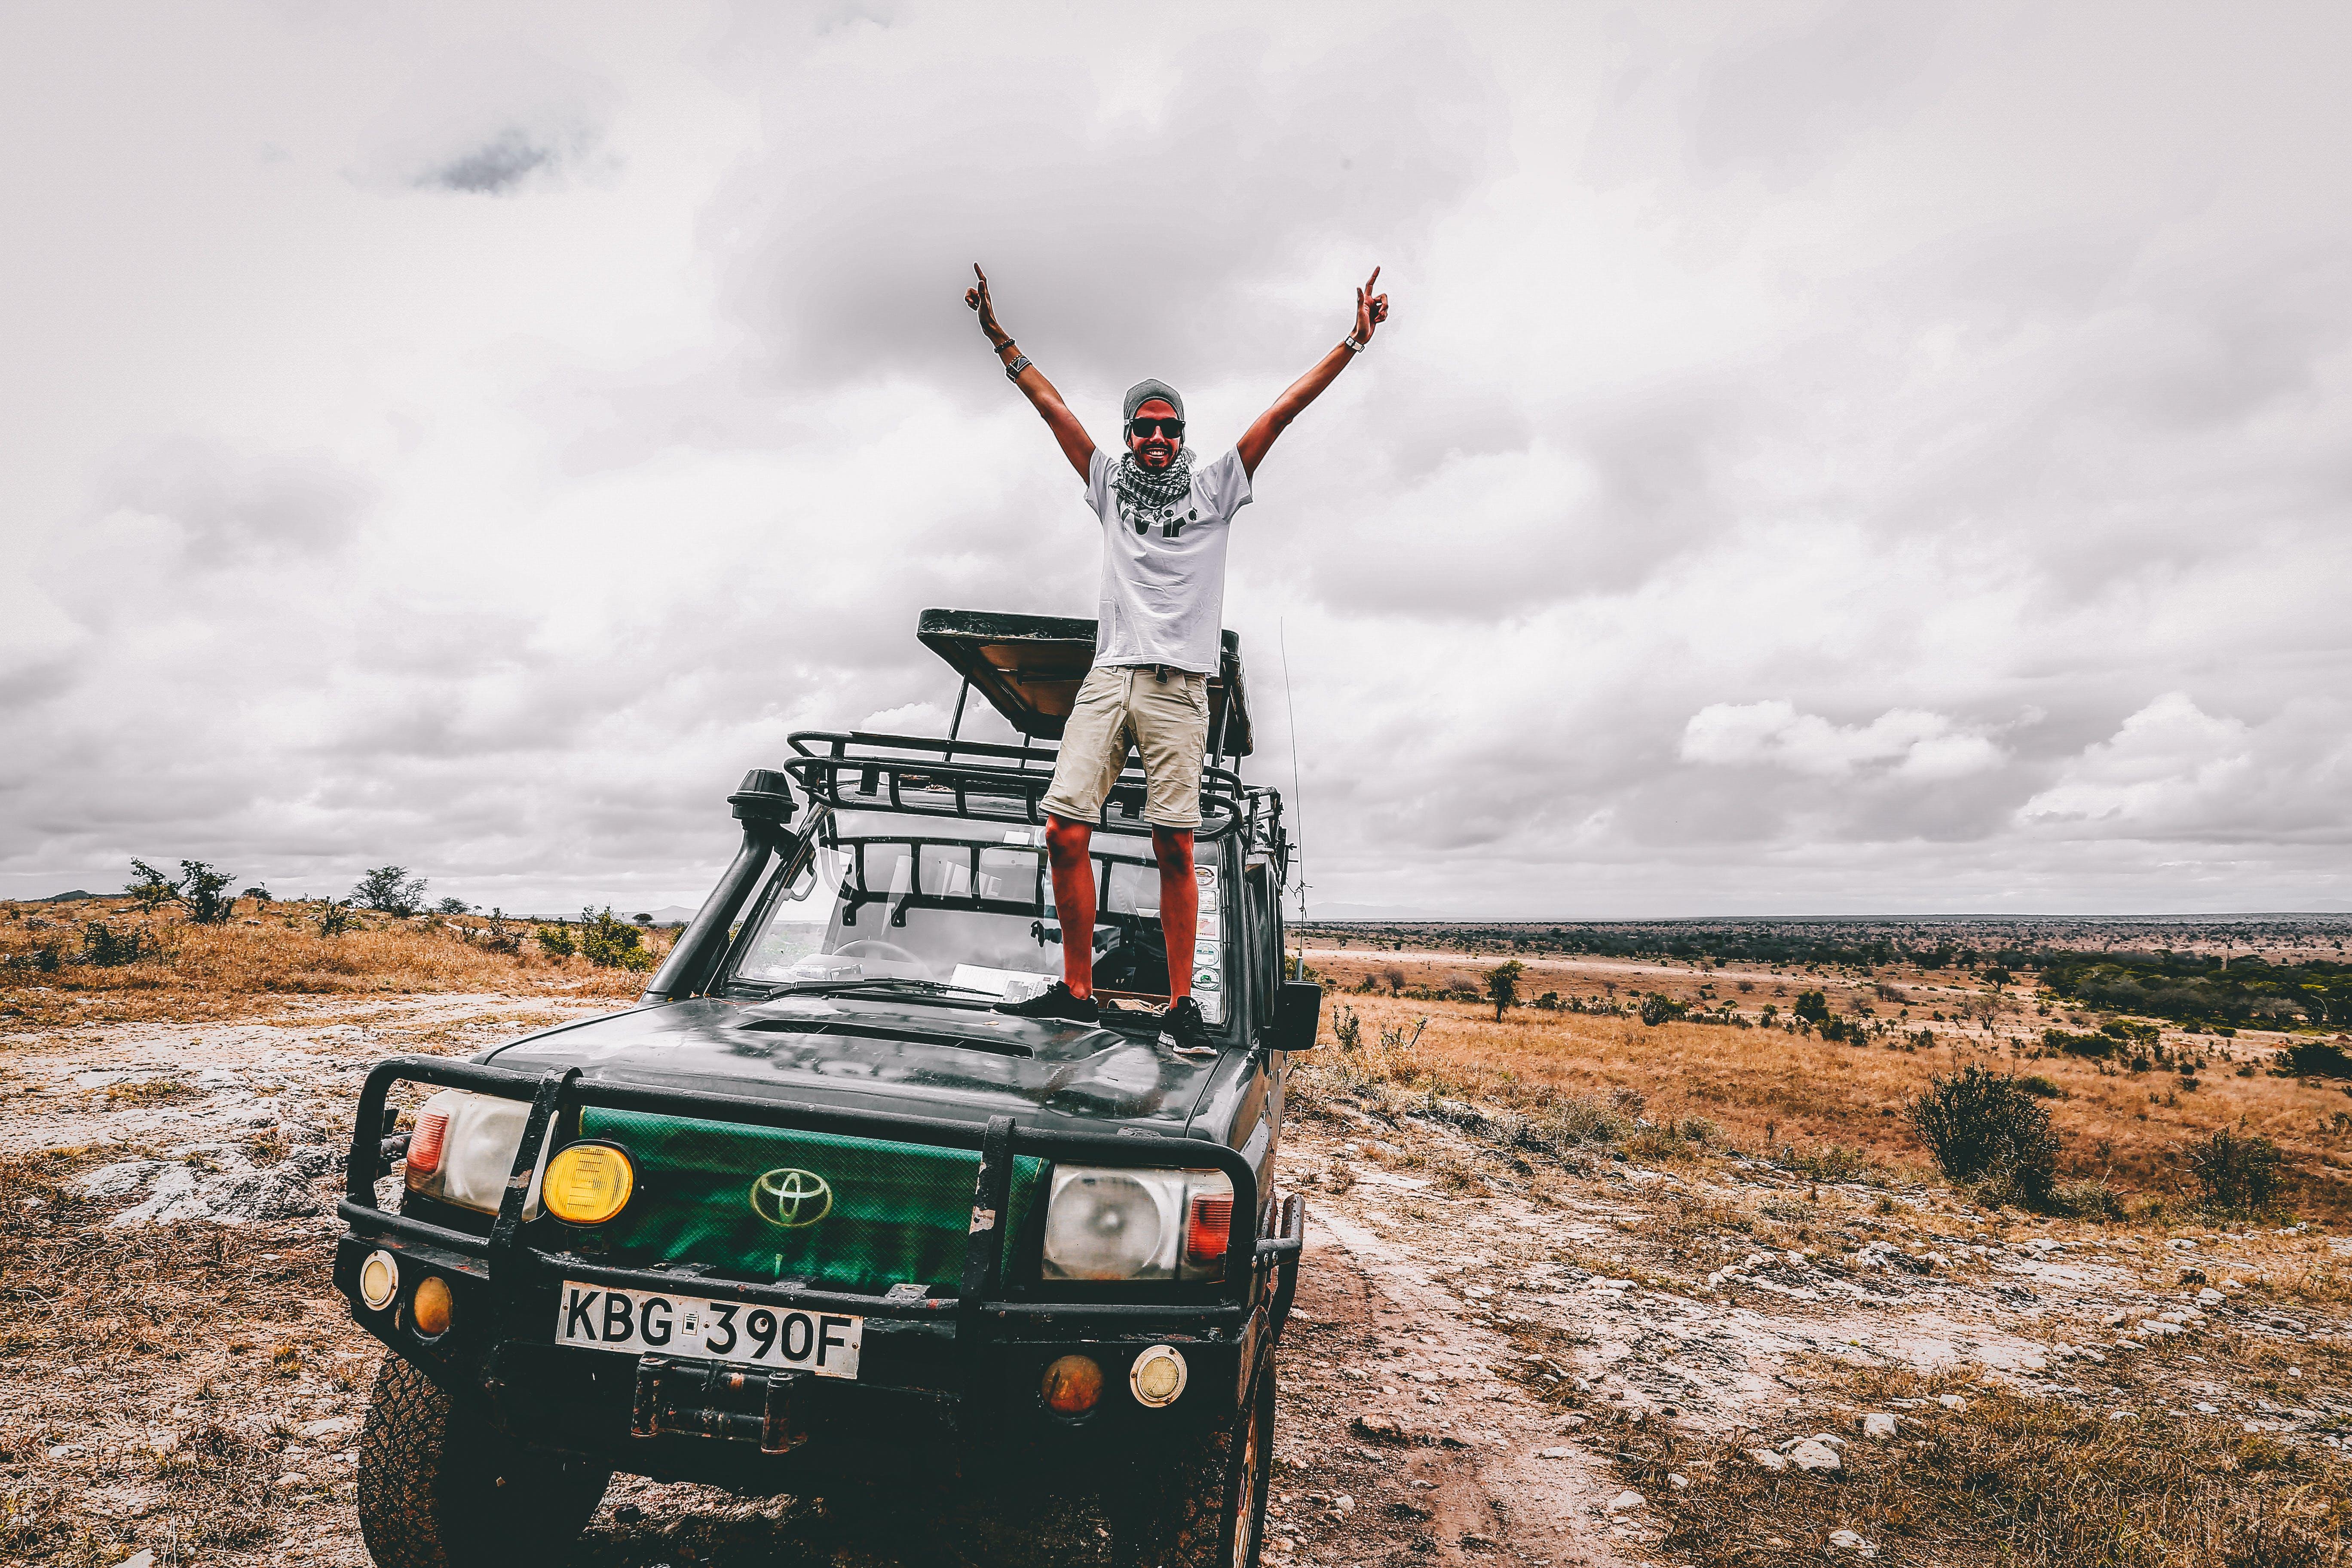 도로, 모험, 성인, 차의 무료 스톡 사진